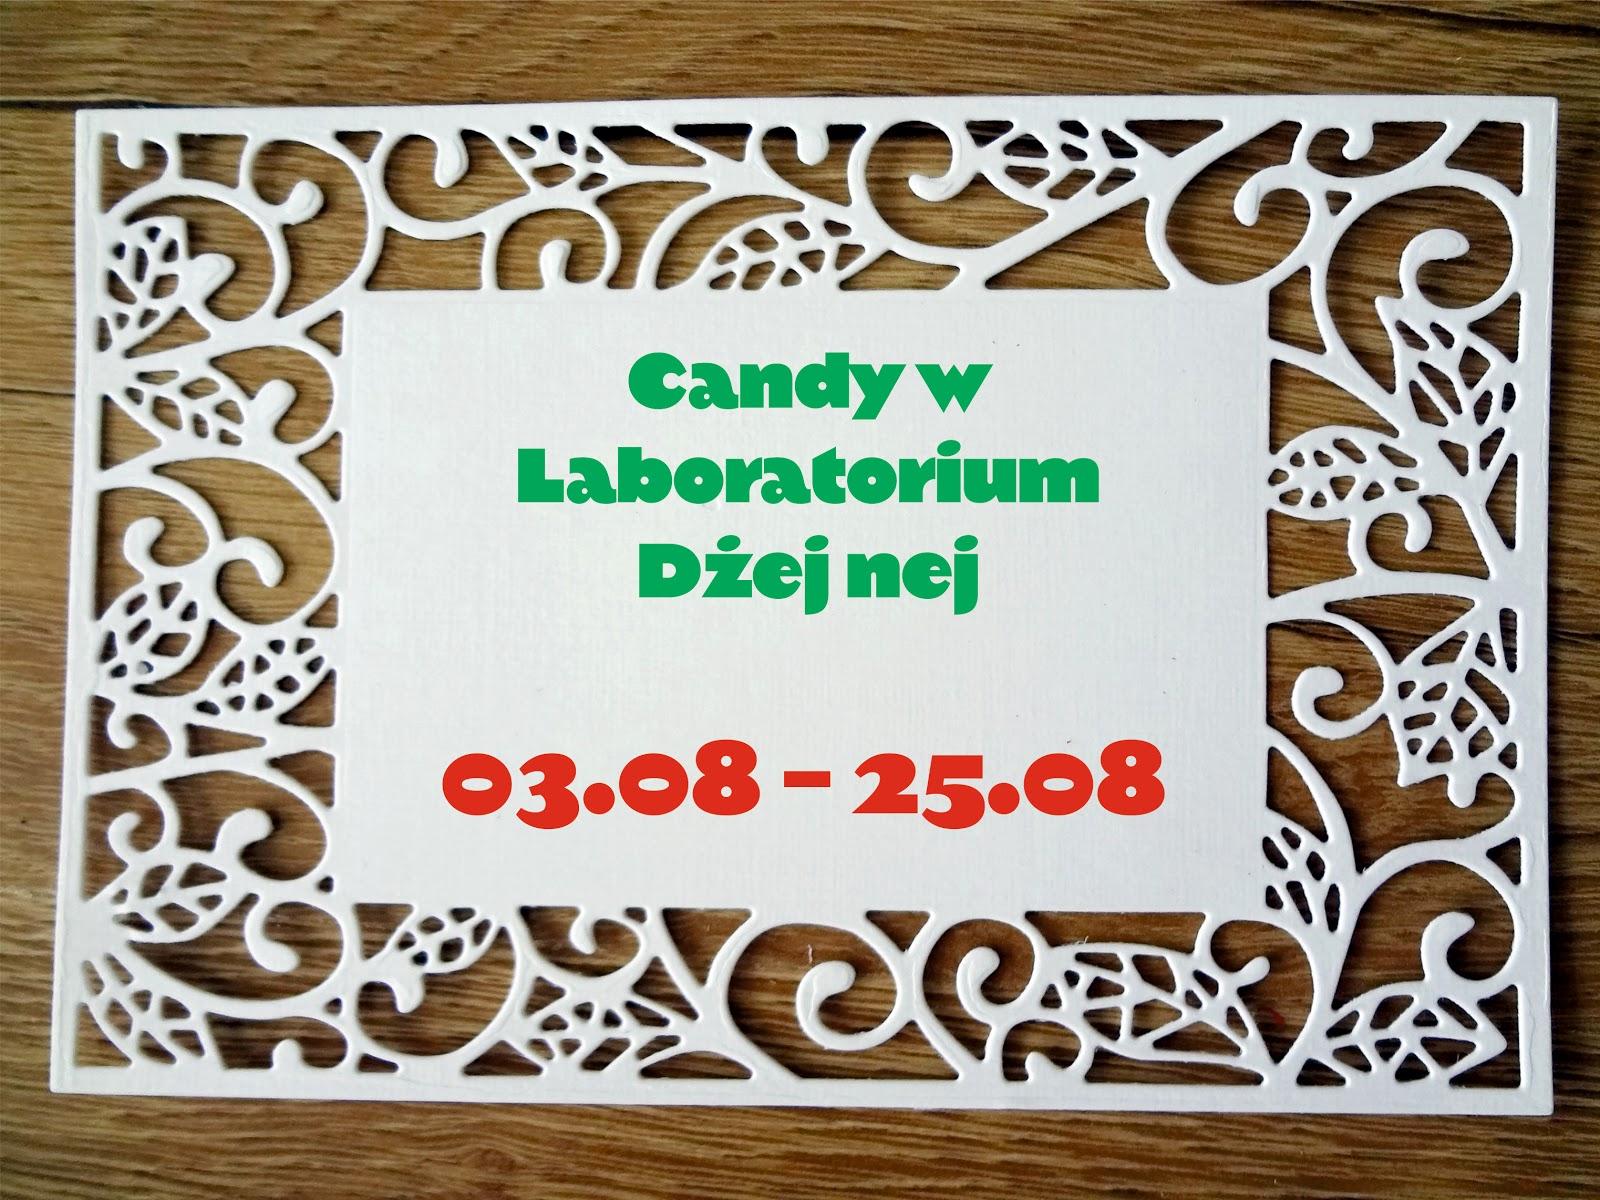 Candy w Laboratorium Dżej nej